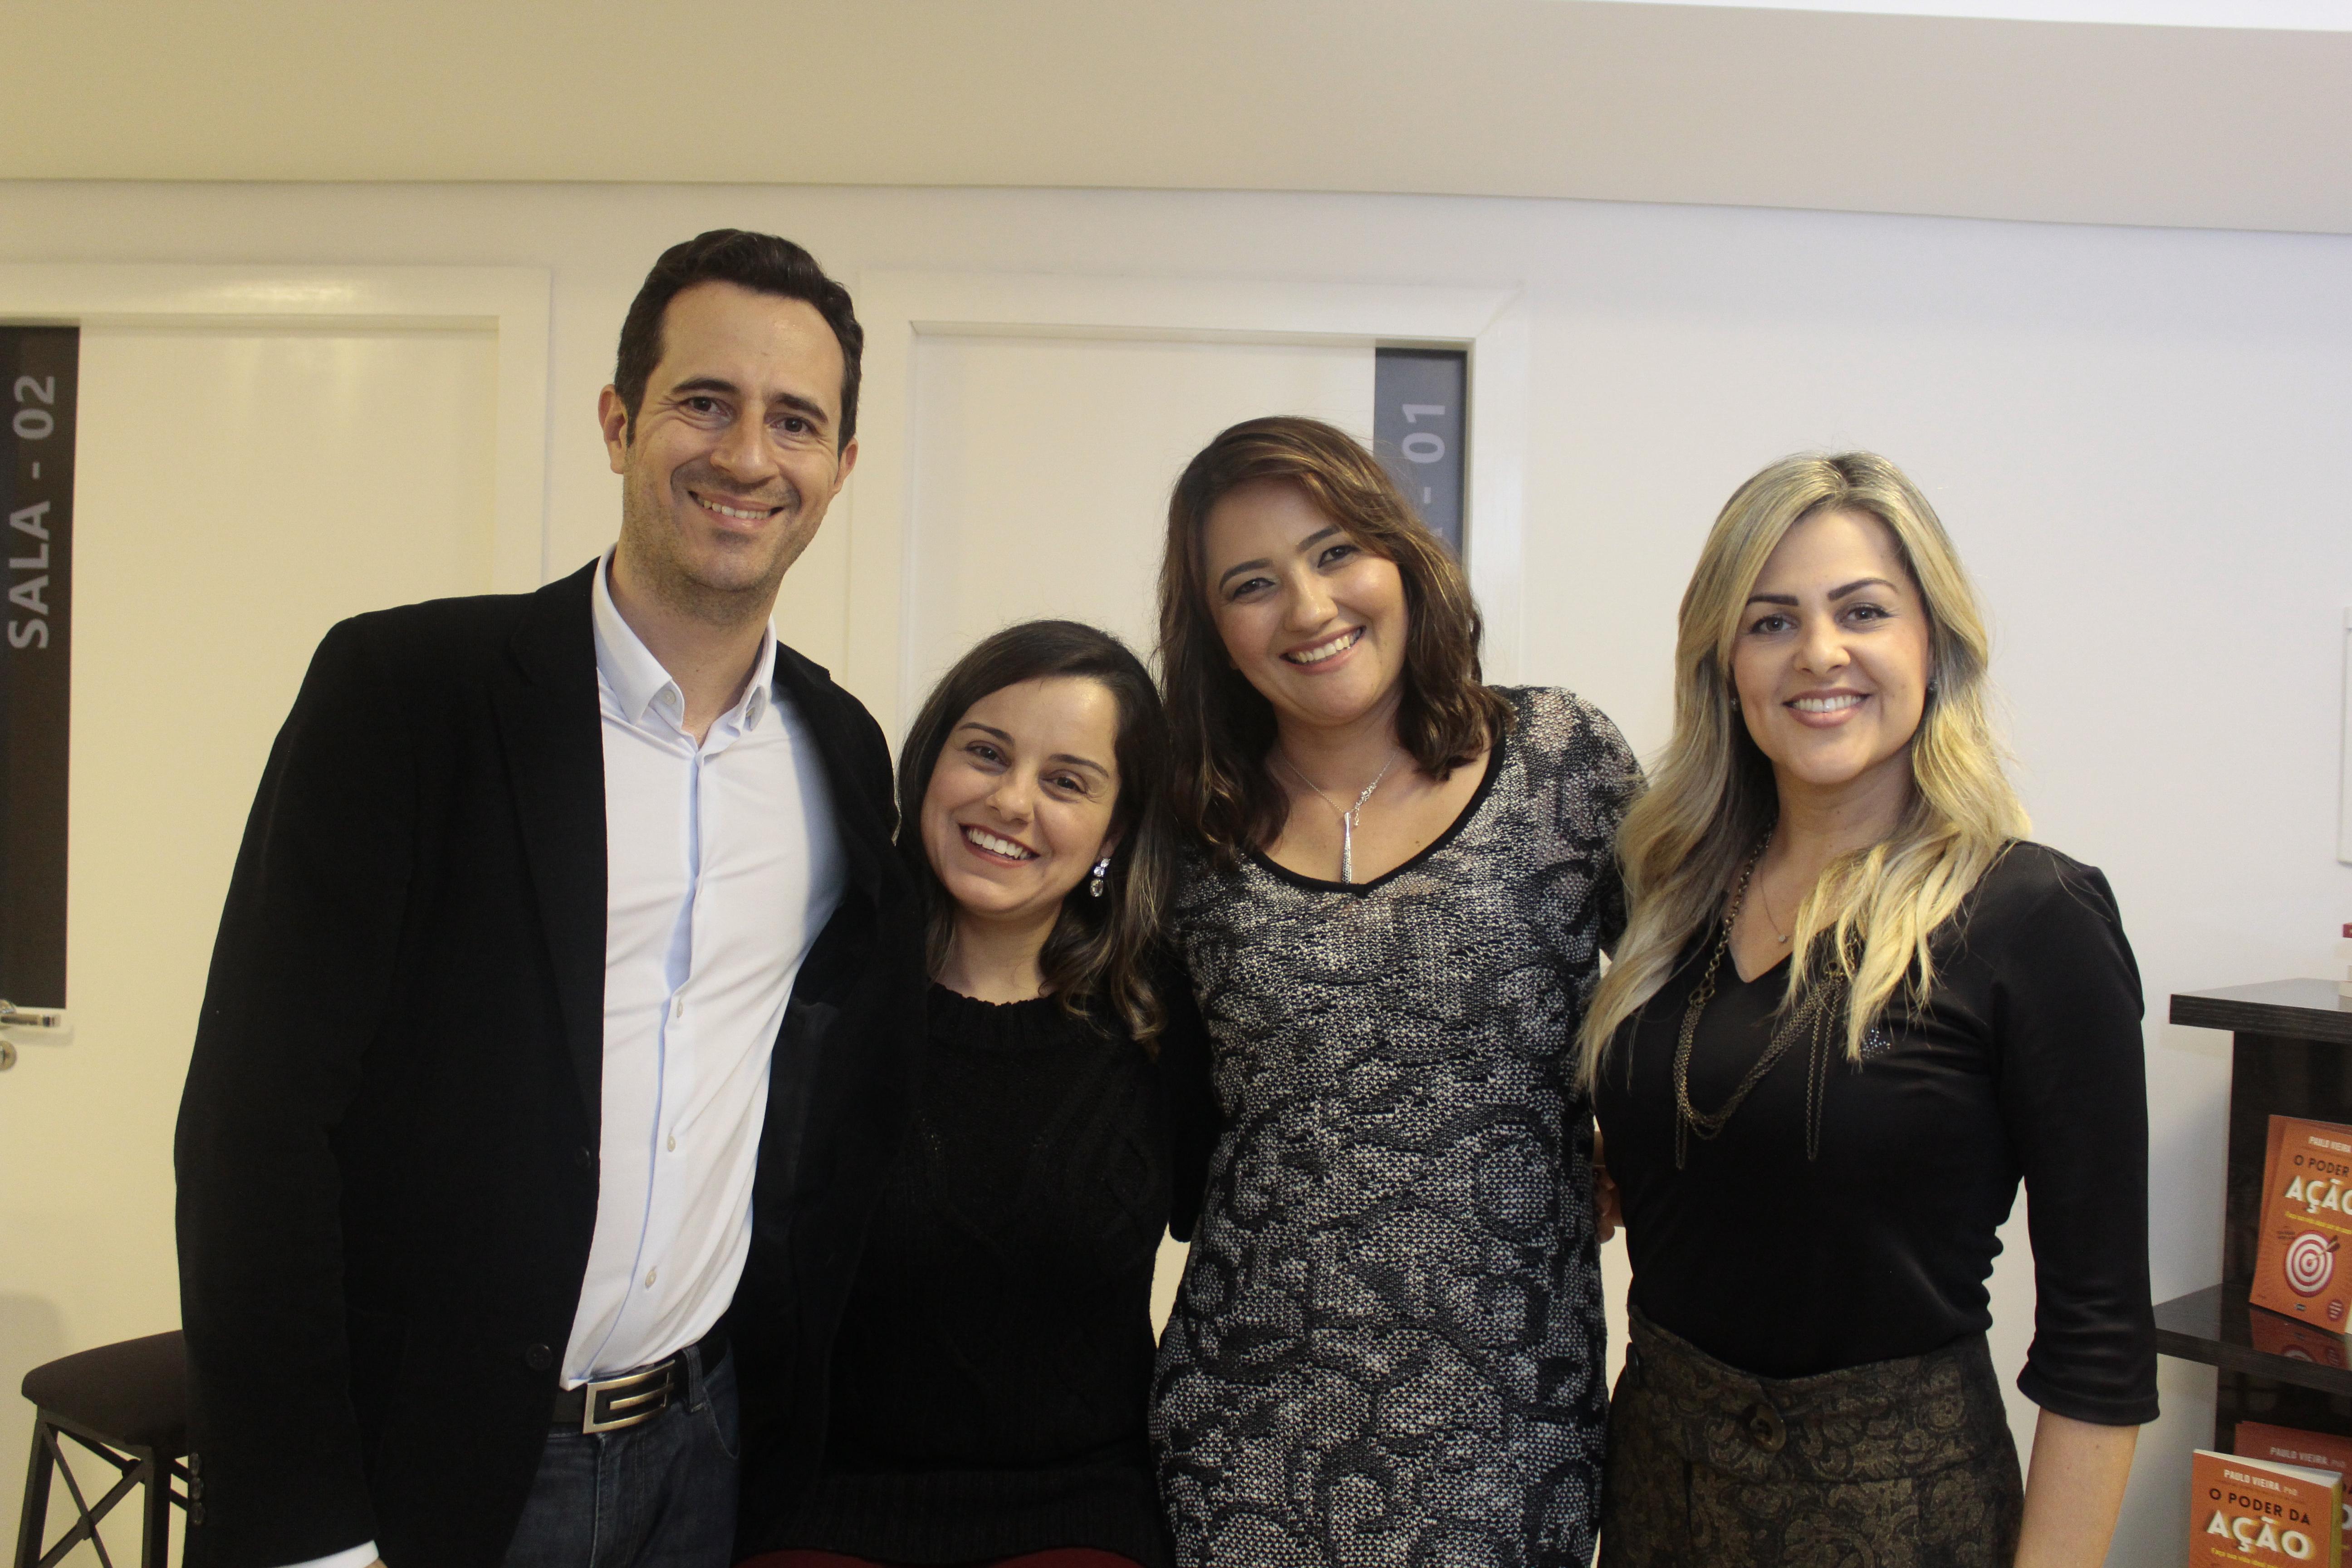 Tales Paes, Débora Paes, Thaís Ramalho, Danielle Adjuto